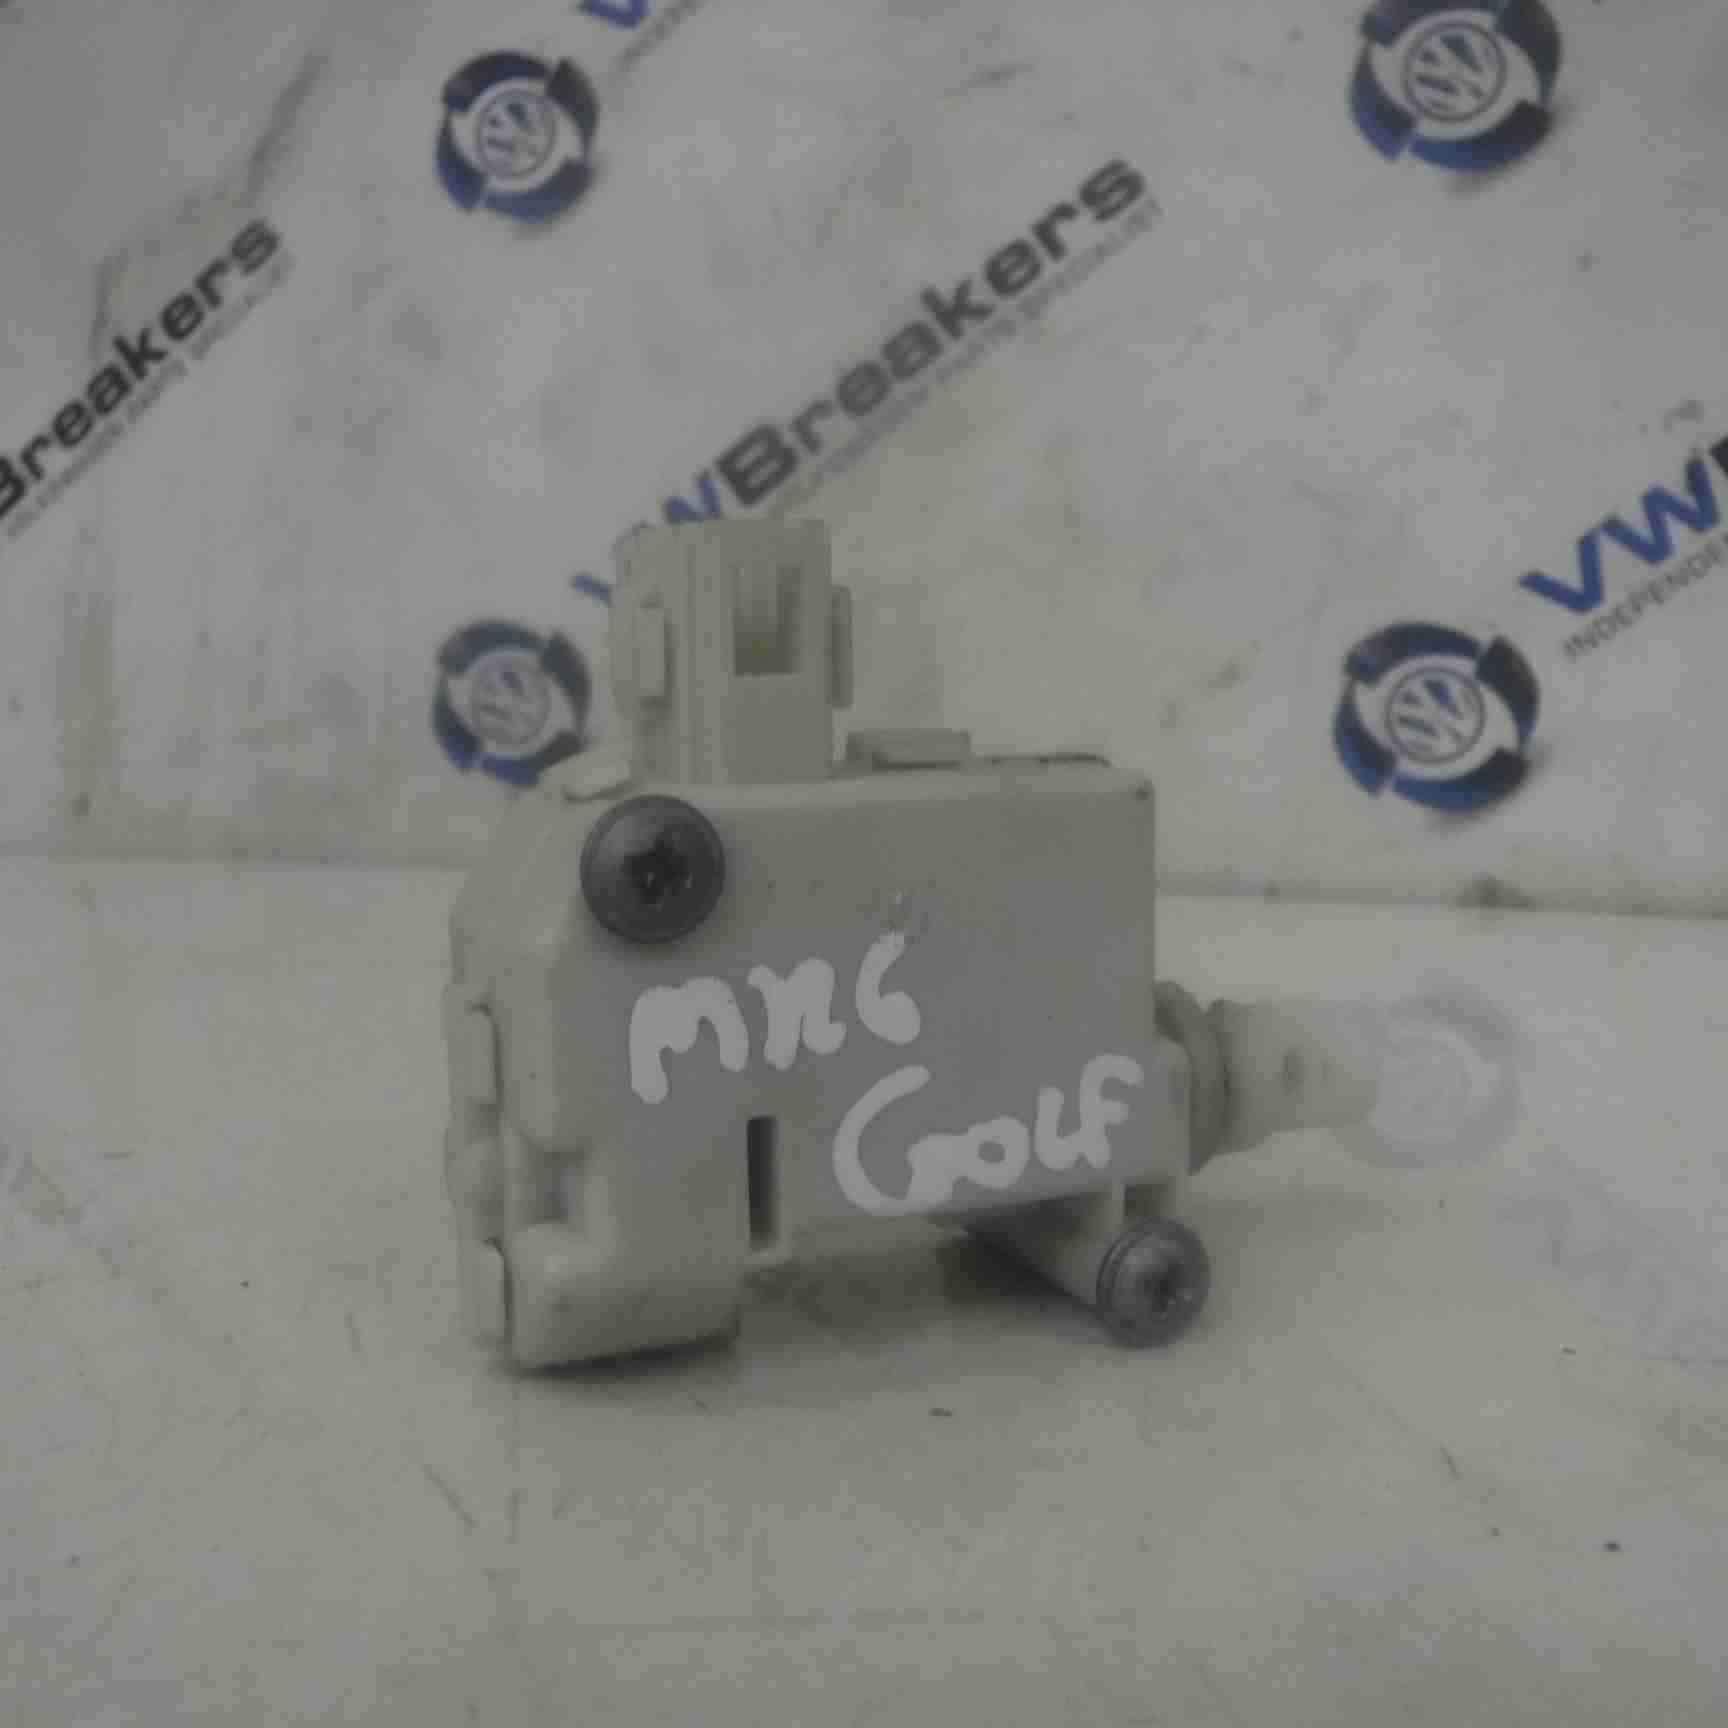 Volkswagen Golf MK6 2009-2012 Fuel Flap Solenoid Motor Release 5K6810773A